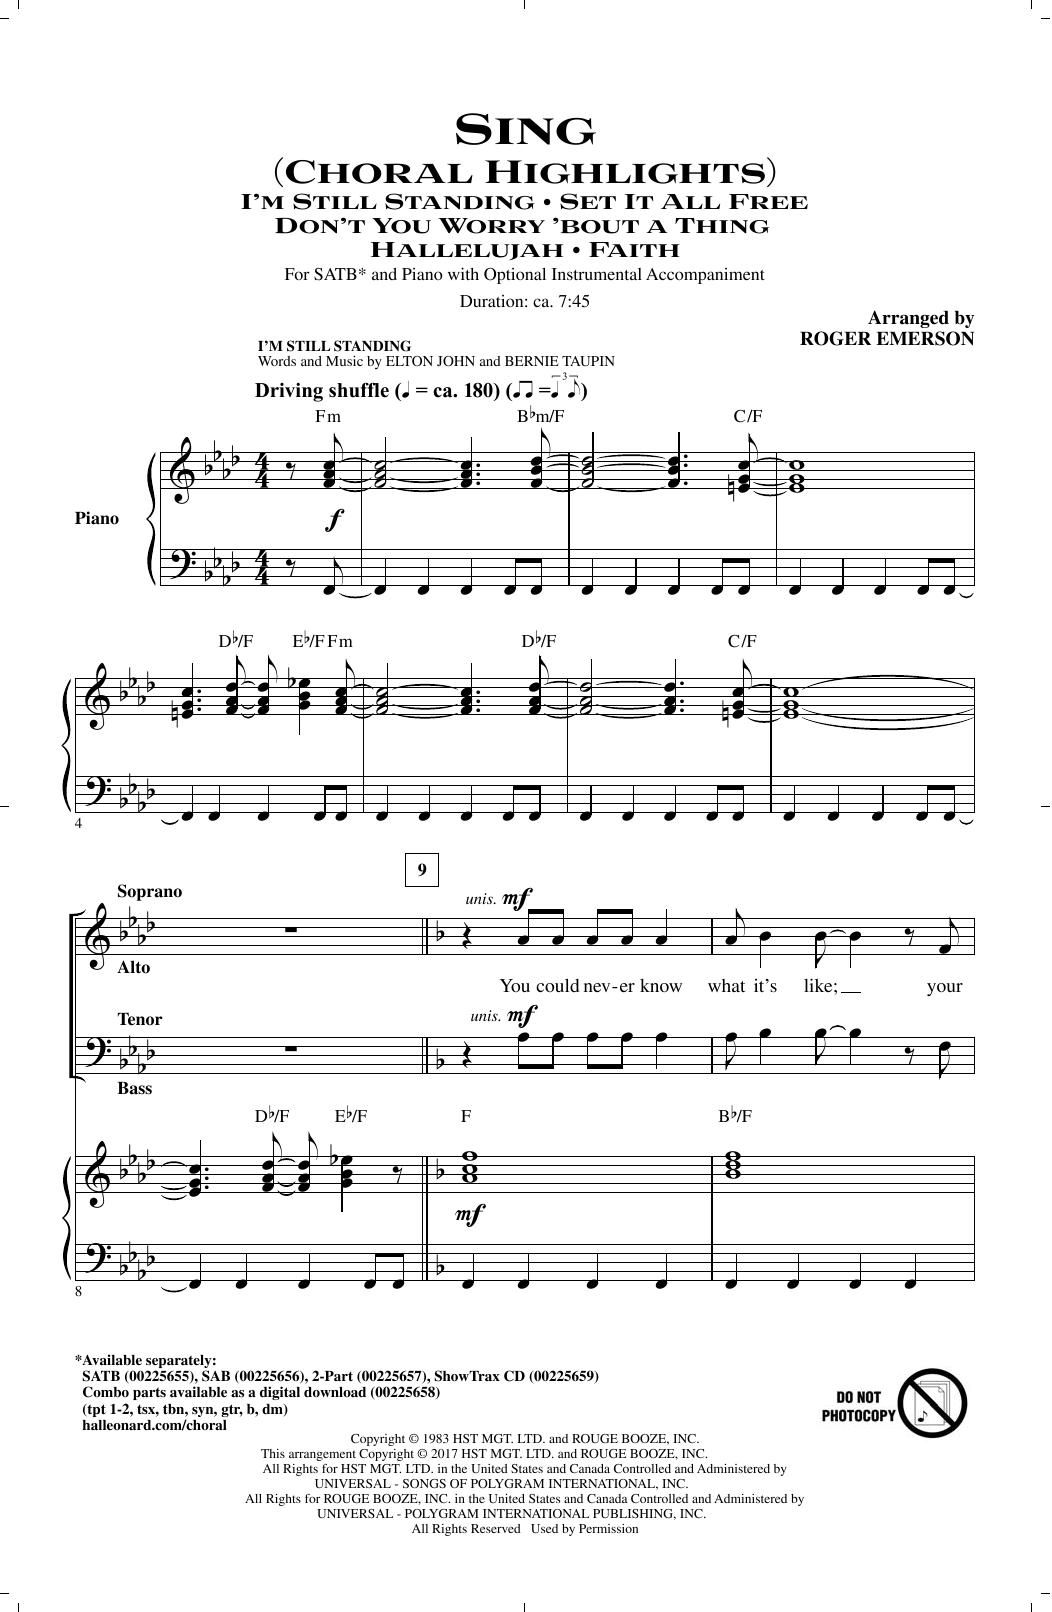 Sing (Choral Highlights) (SATB Choir)